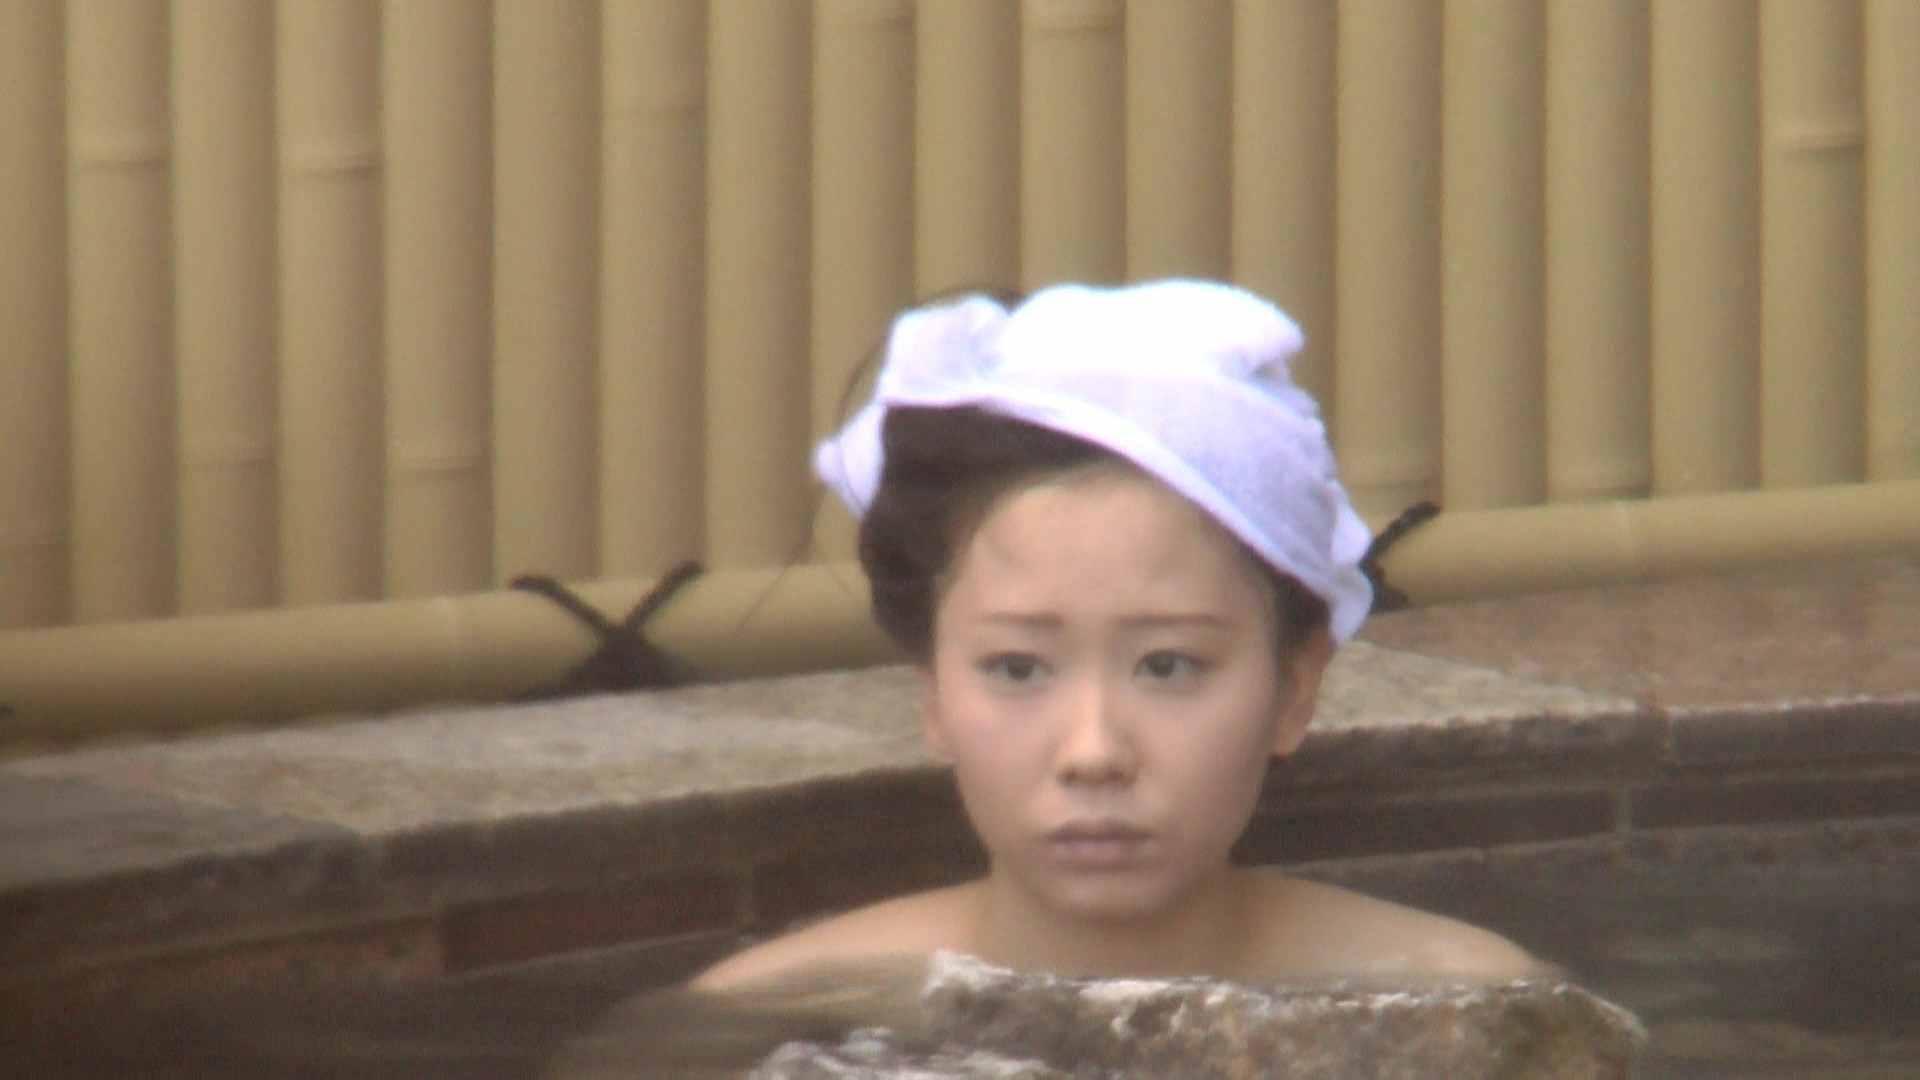 Aquaな露天風呂Vol.211 盗撮シリーズ  76PIX 8